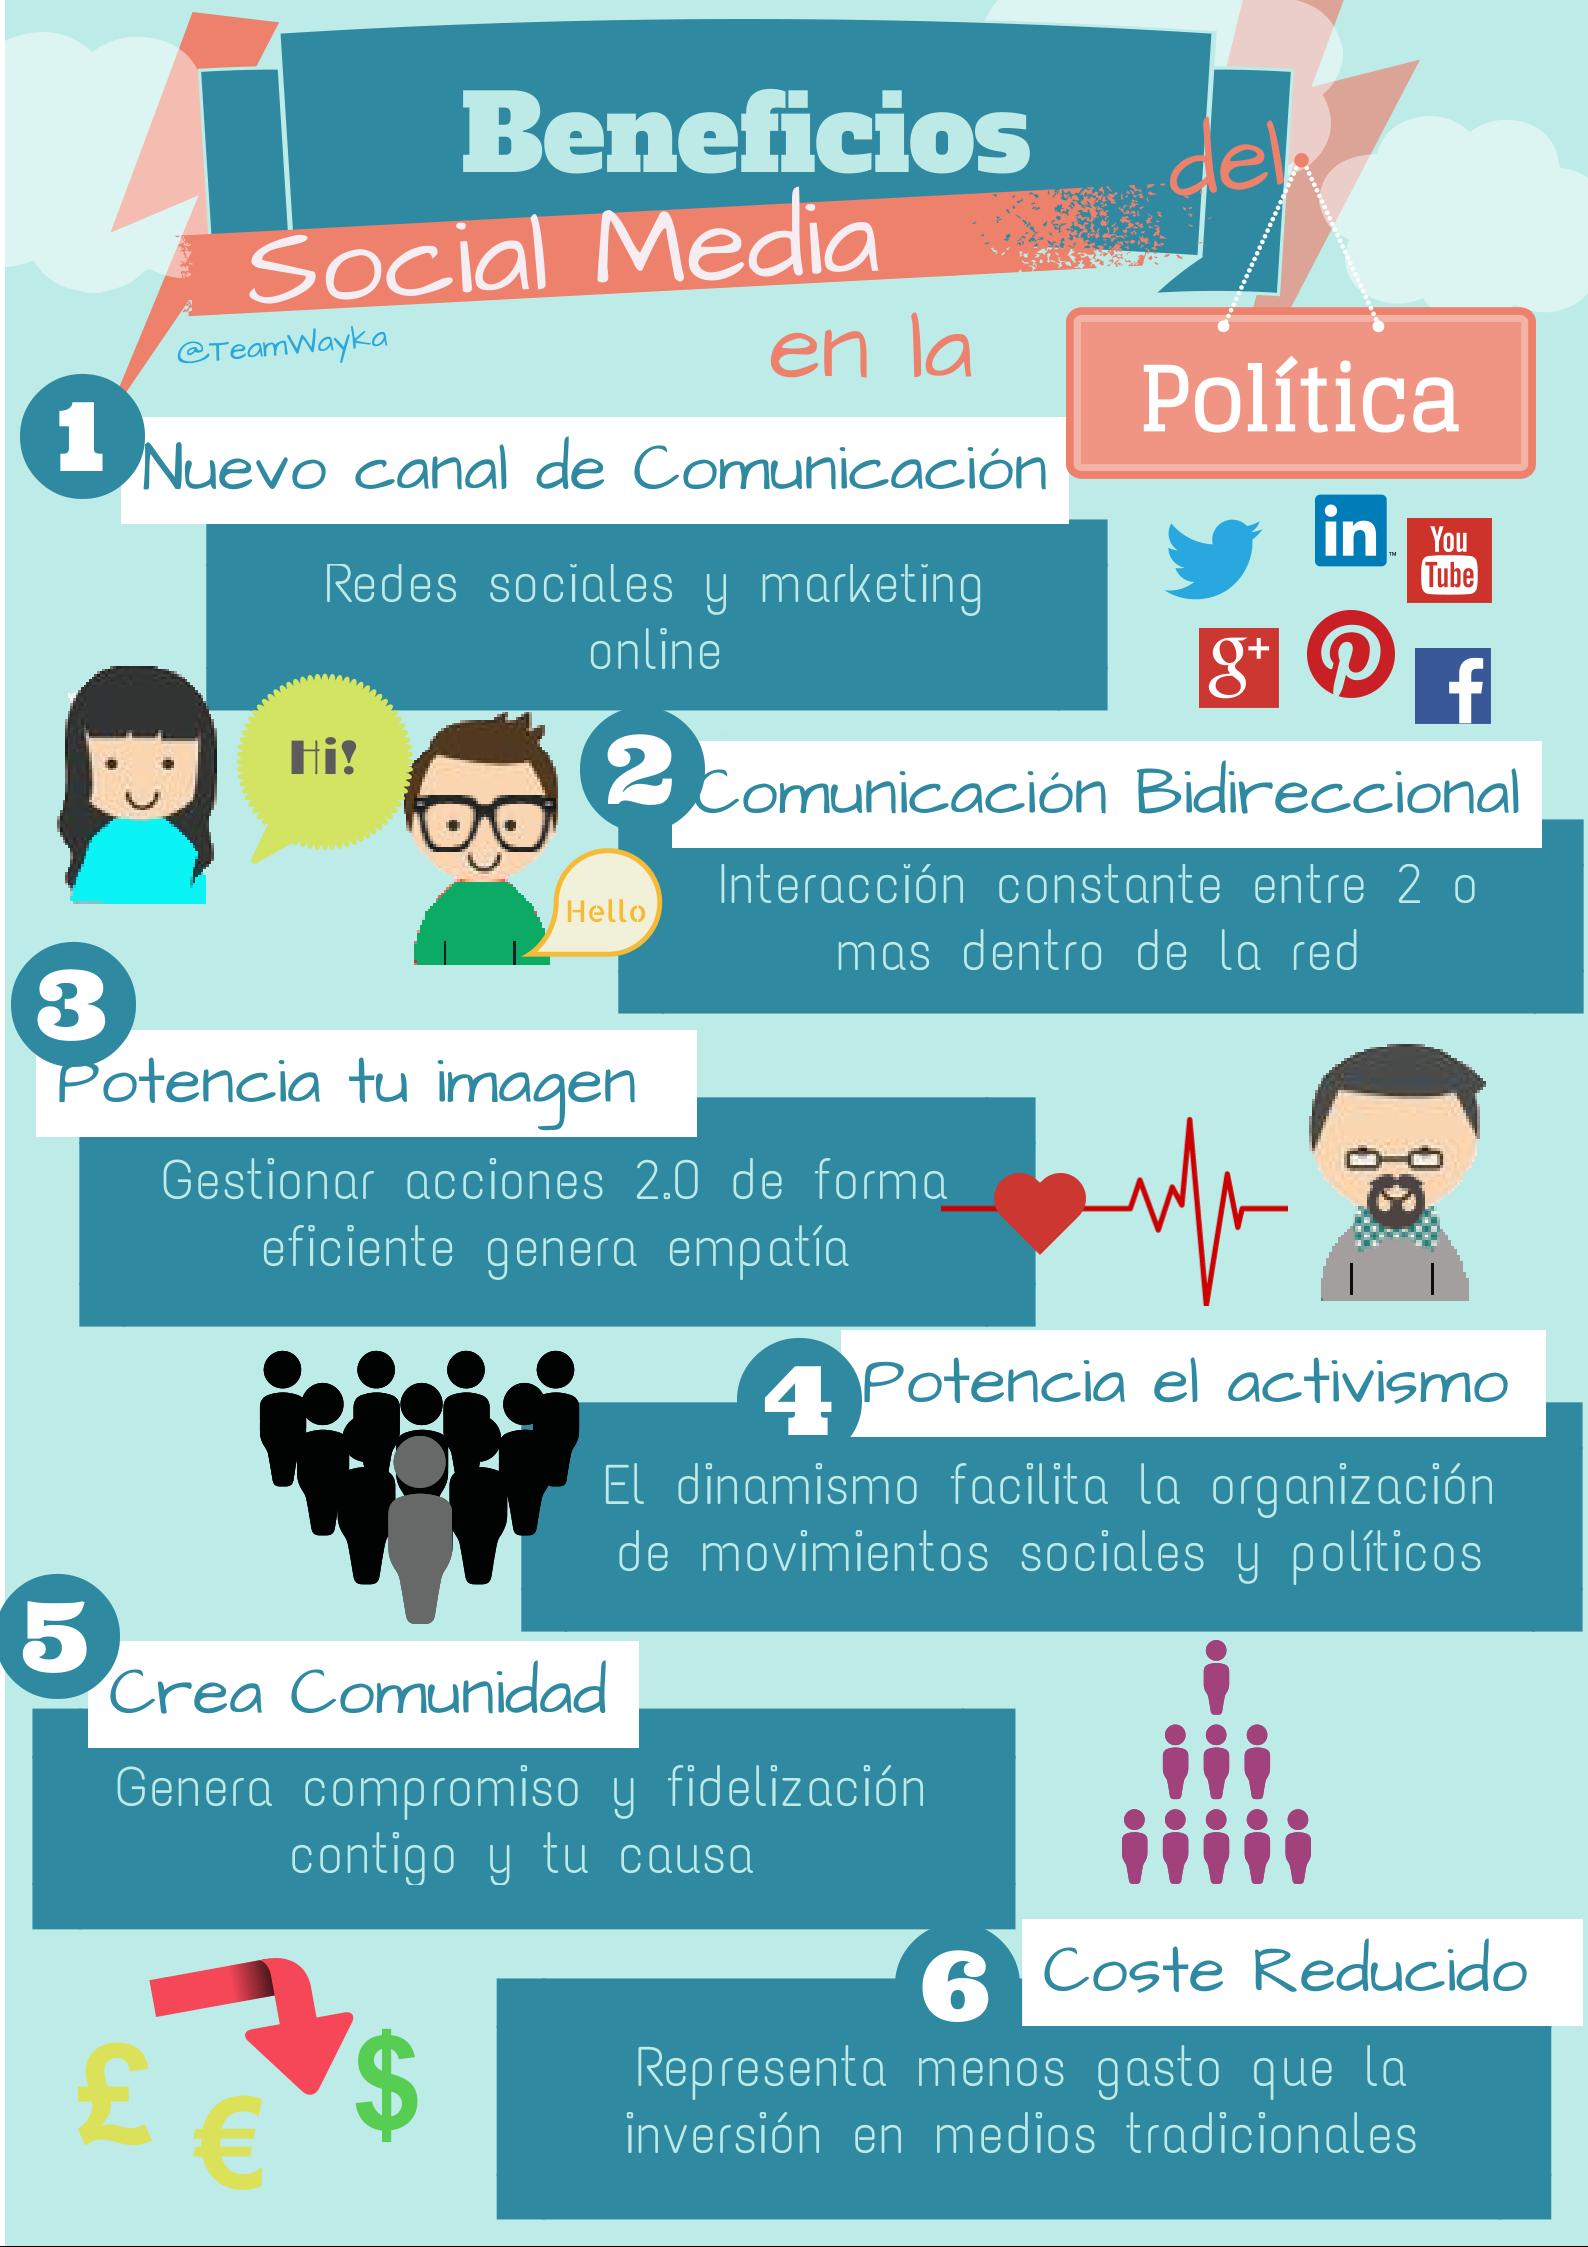 Beneficios Redes Sociales en Comunicación Política Infografía en español